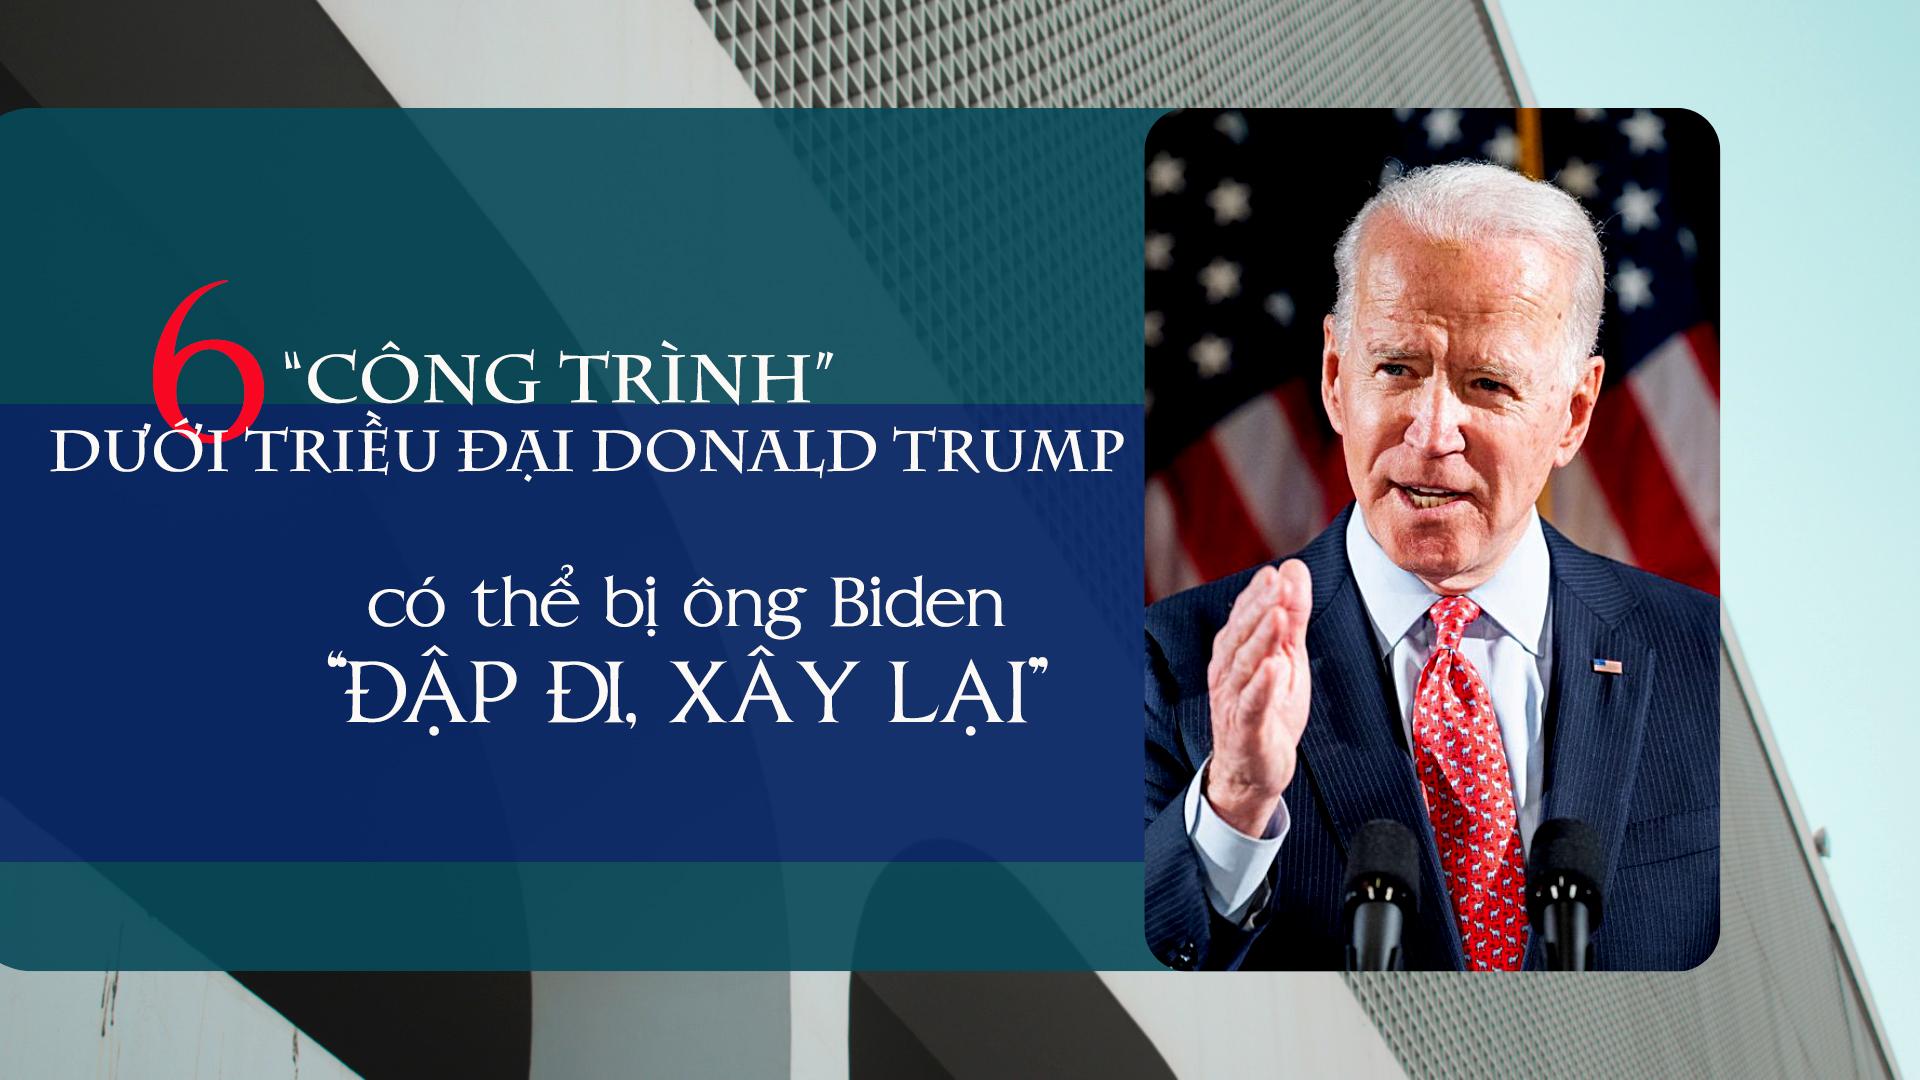 Ông Biden có thể sẽ tiến hành nhiều cải cách